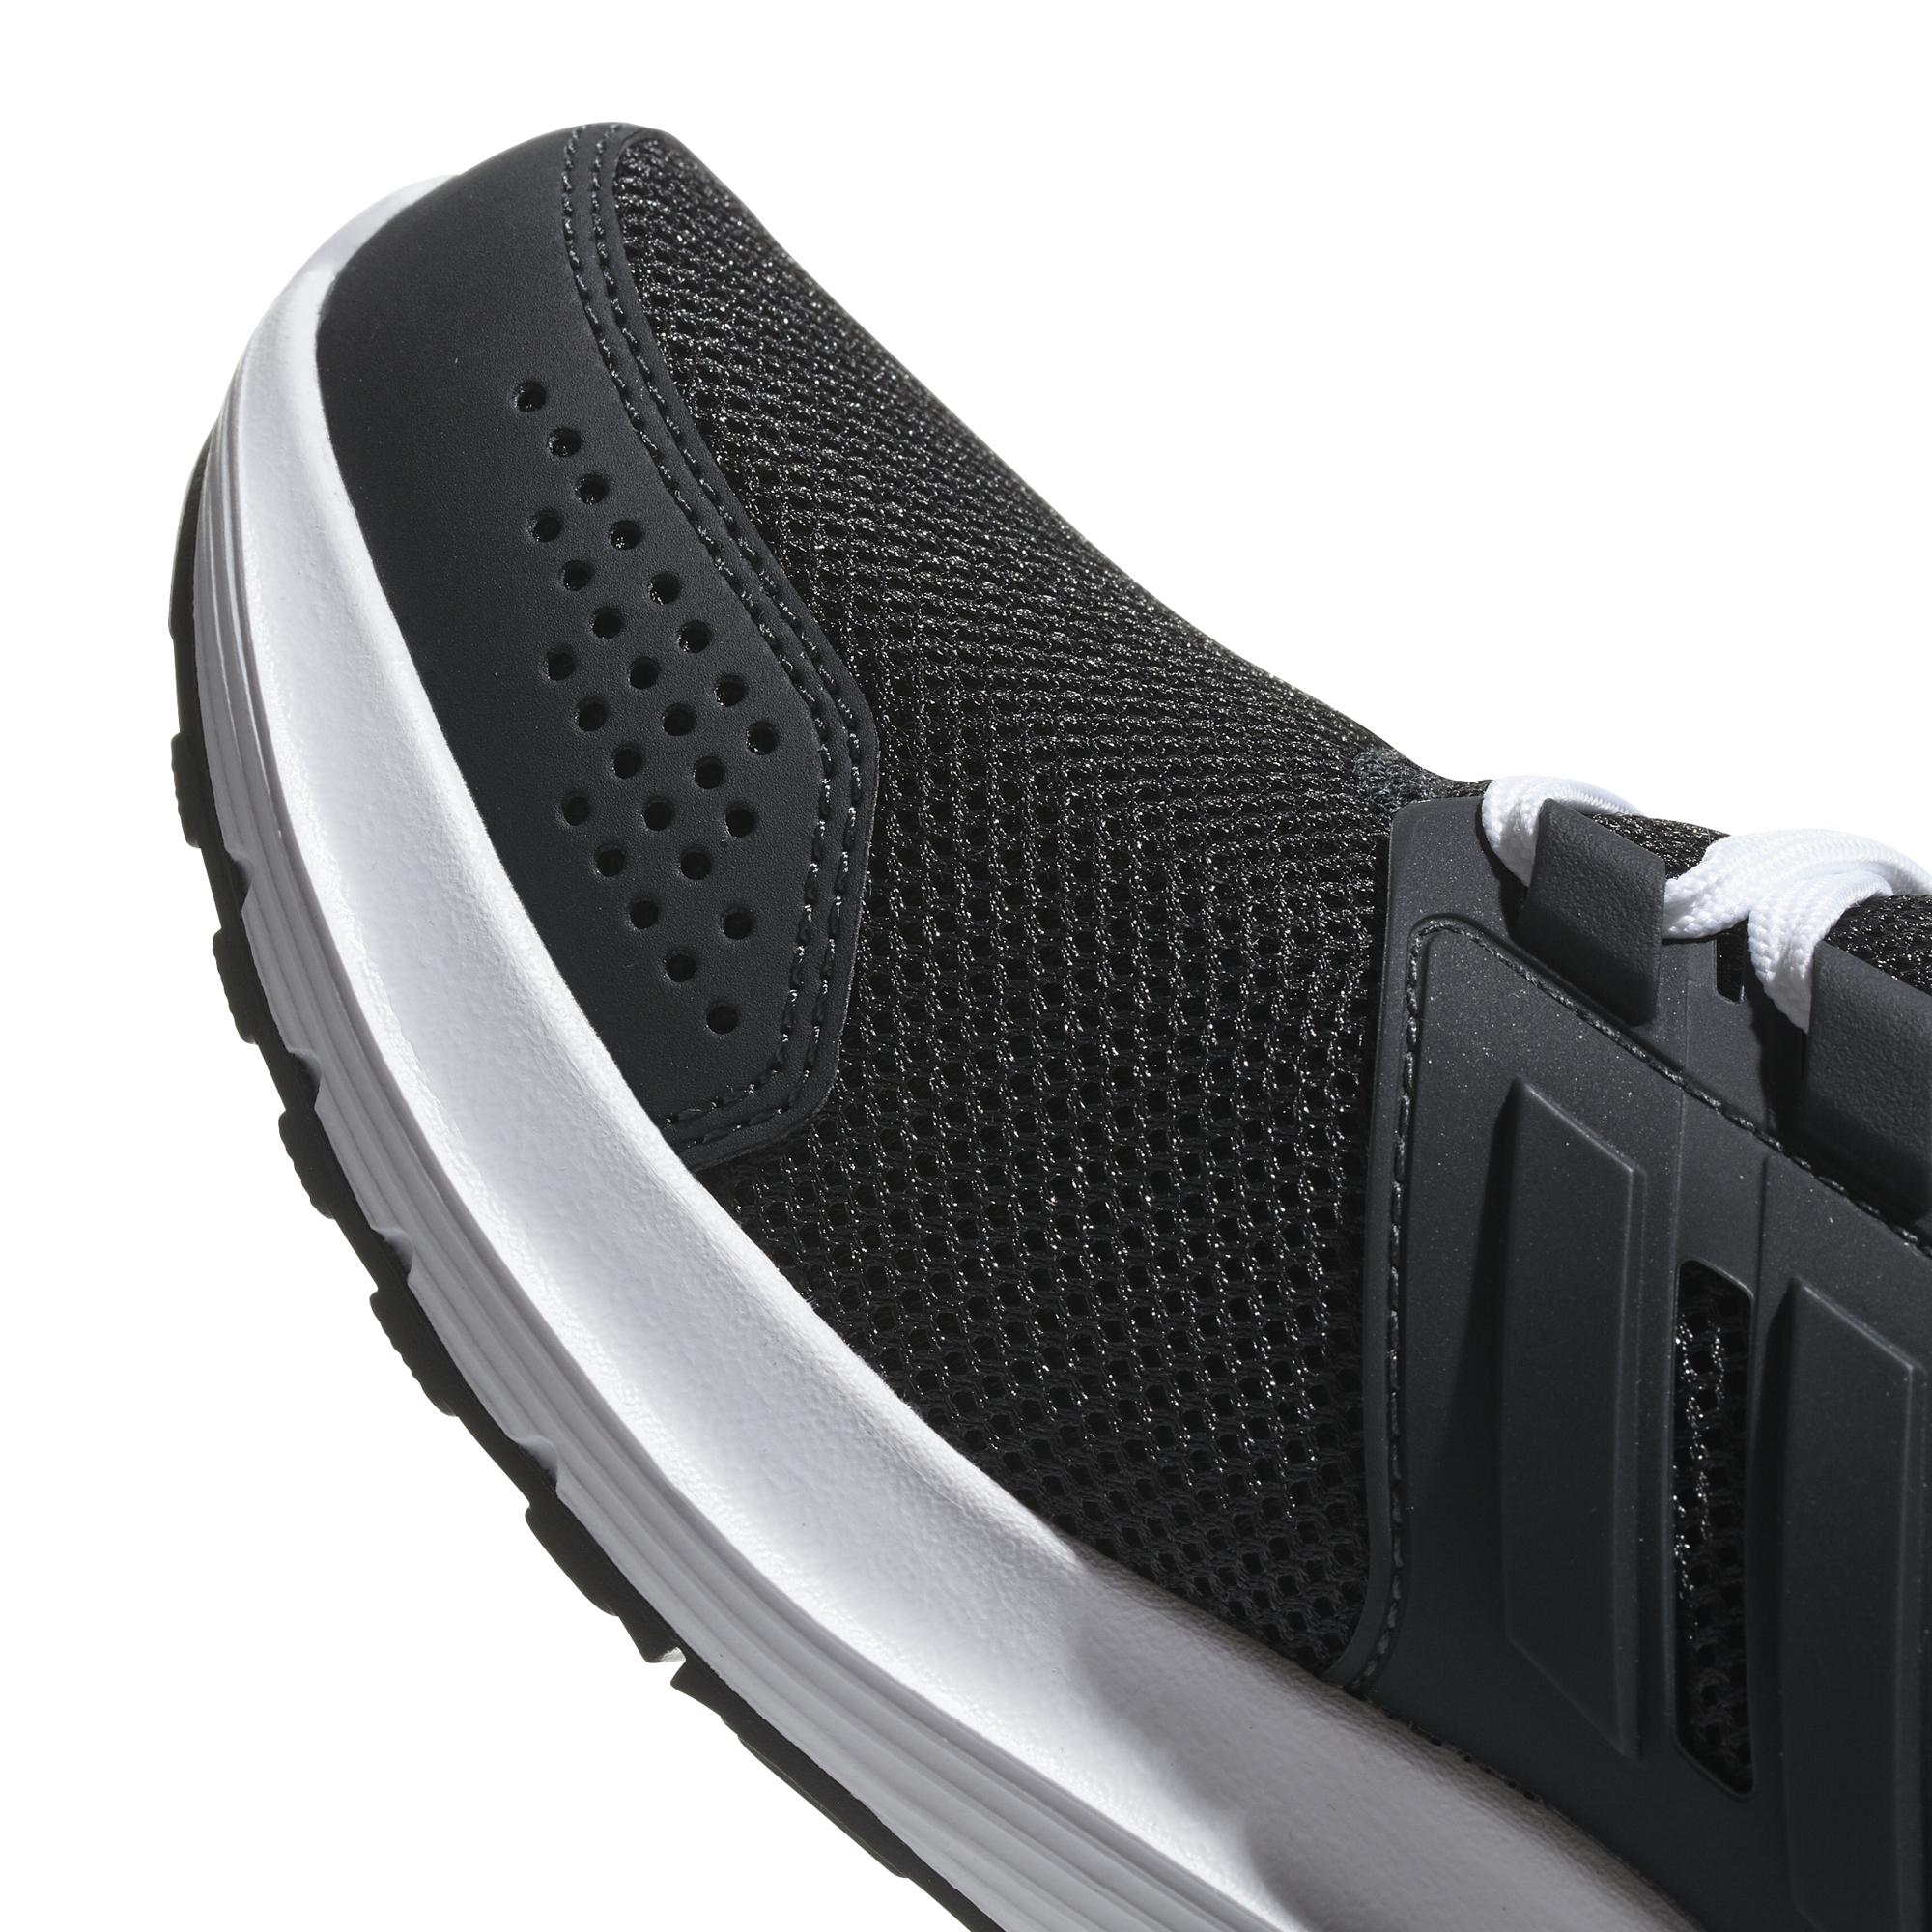 Buty biegowe adidas Galaxy 4 W CP8833 czarne | Buty, Adidas